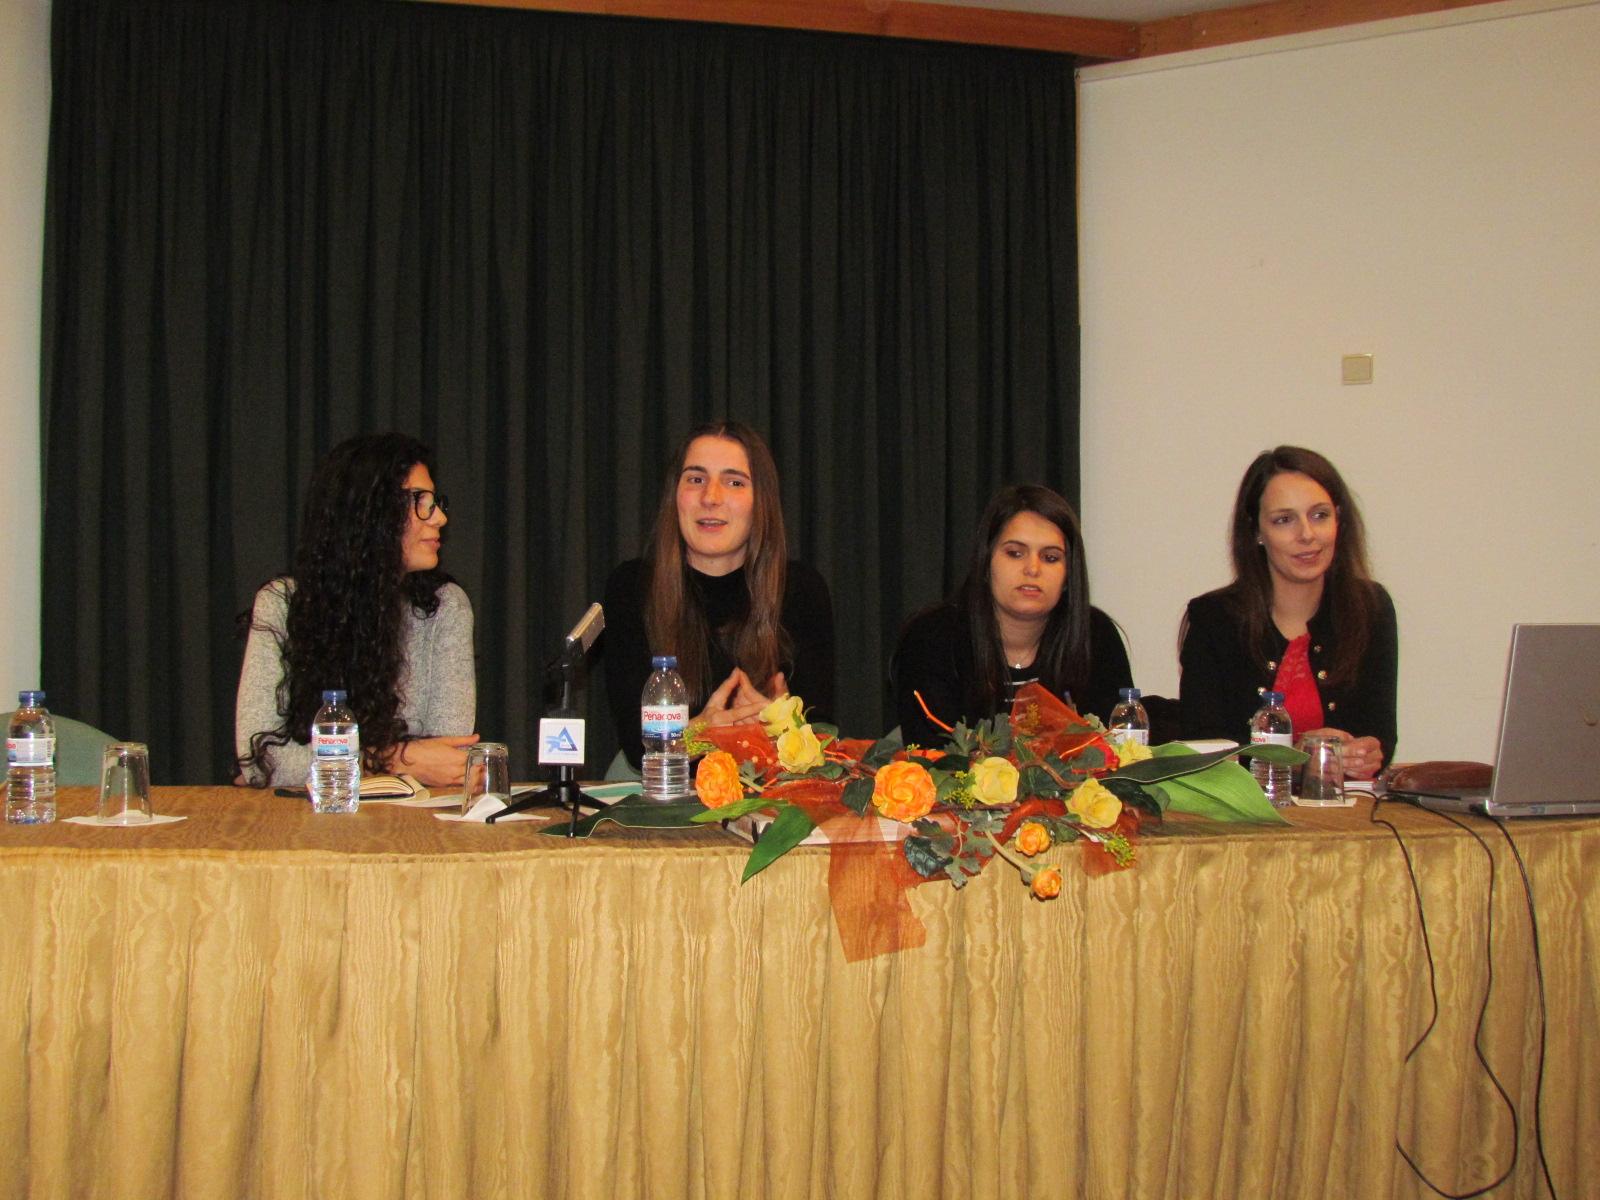 E-MOTION quer alargar e enriquecer a cultura no concelho de Arganil